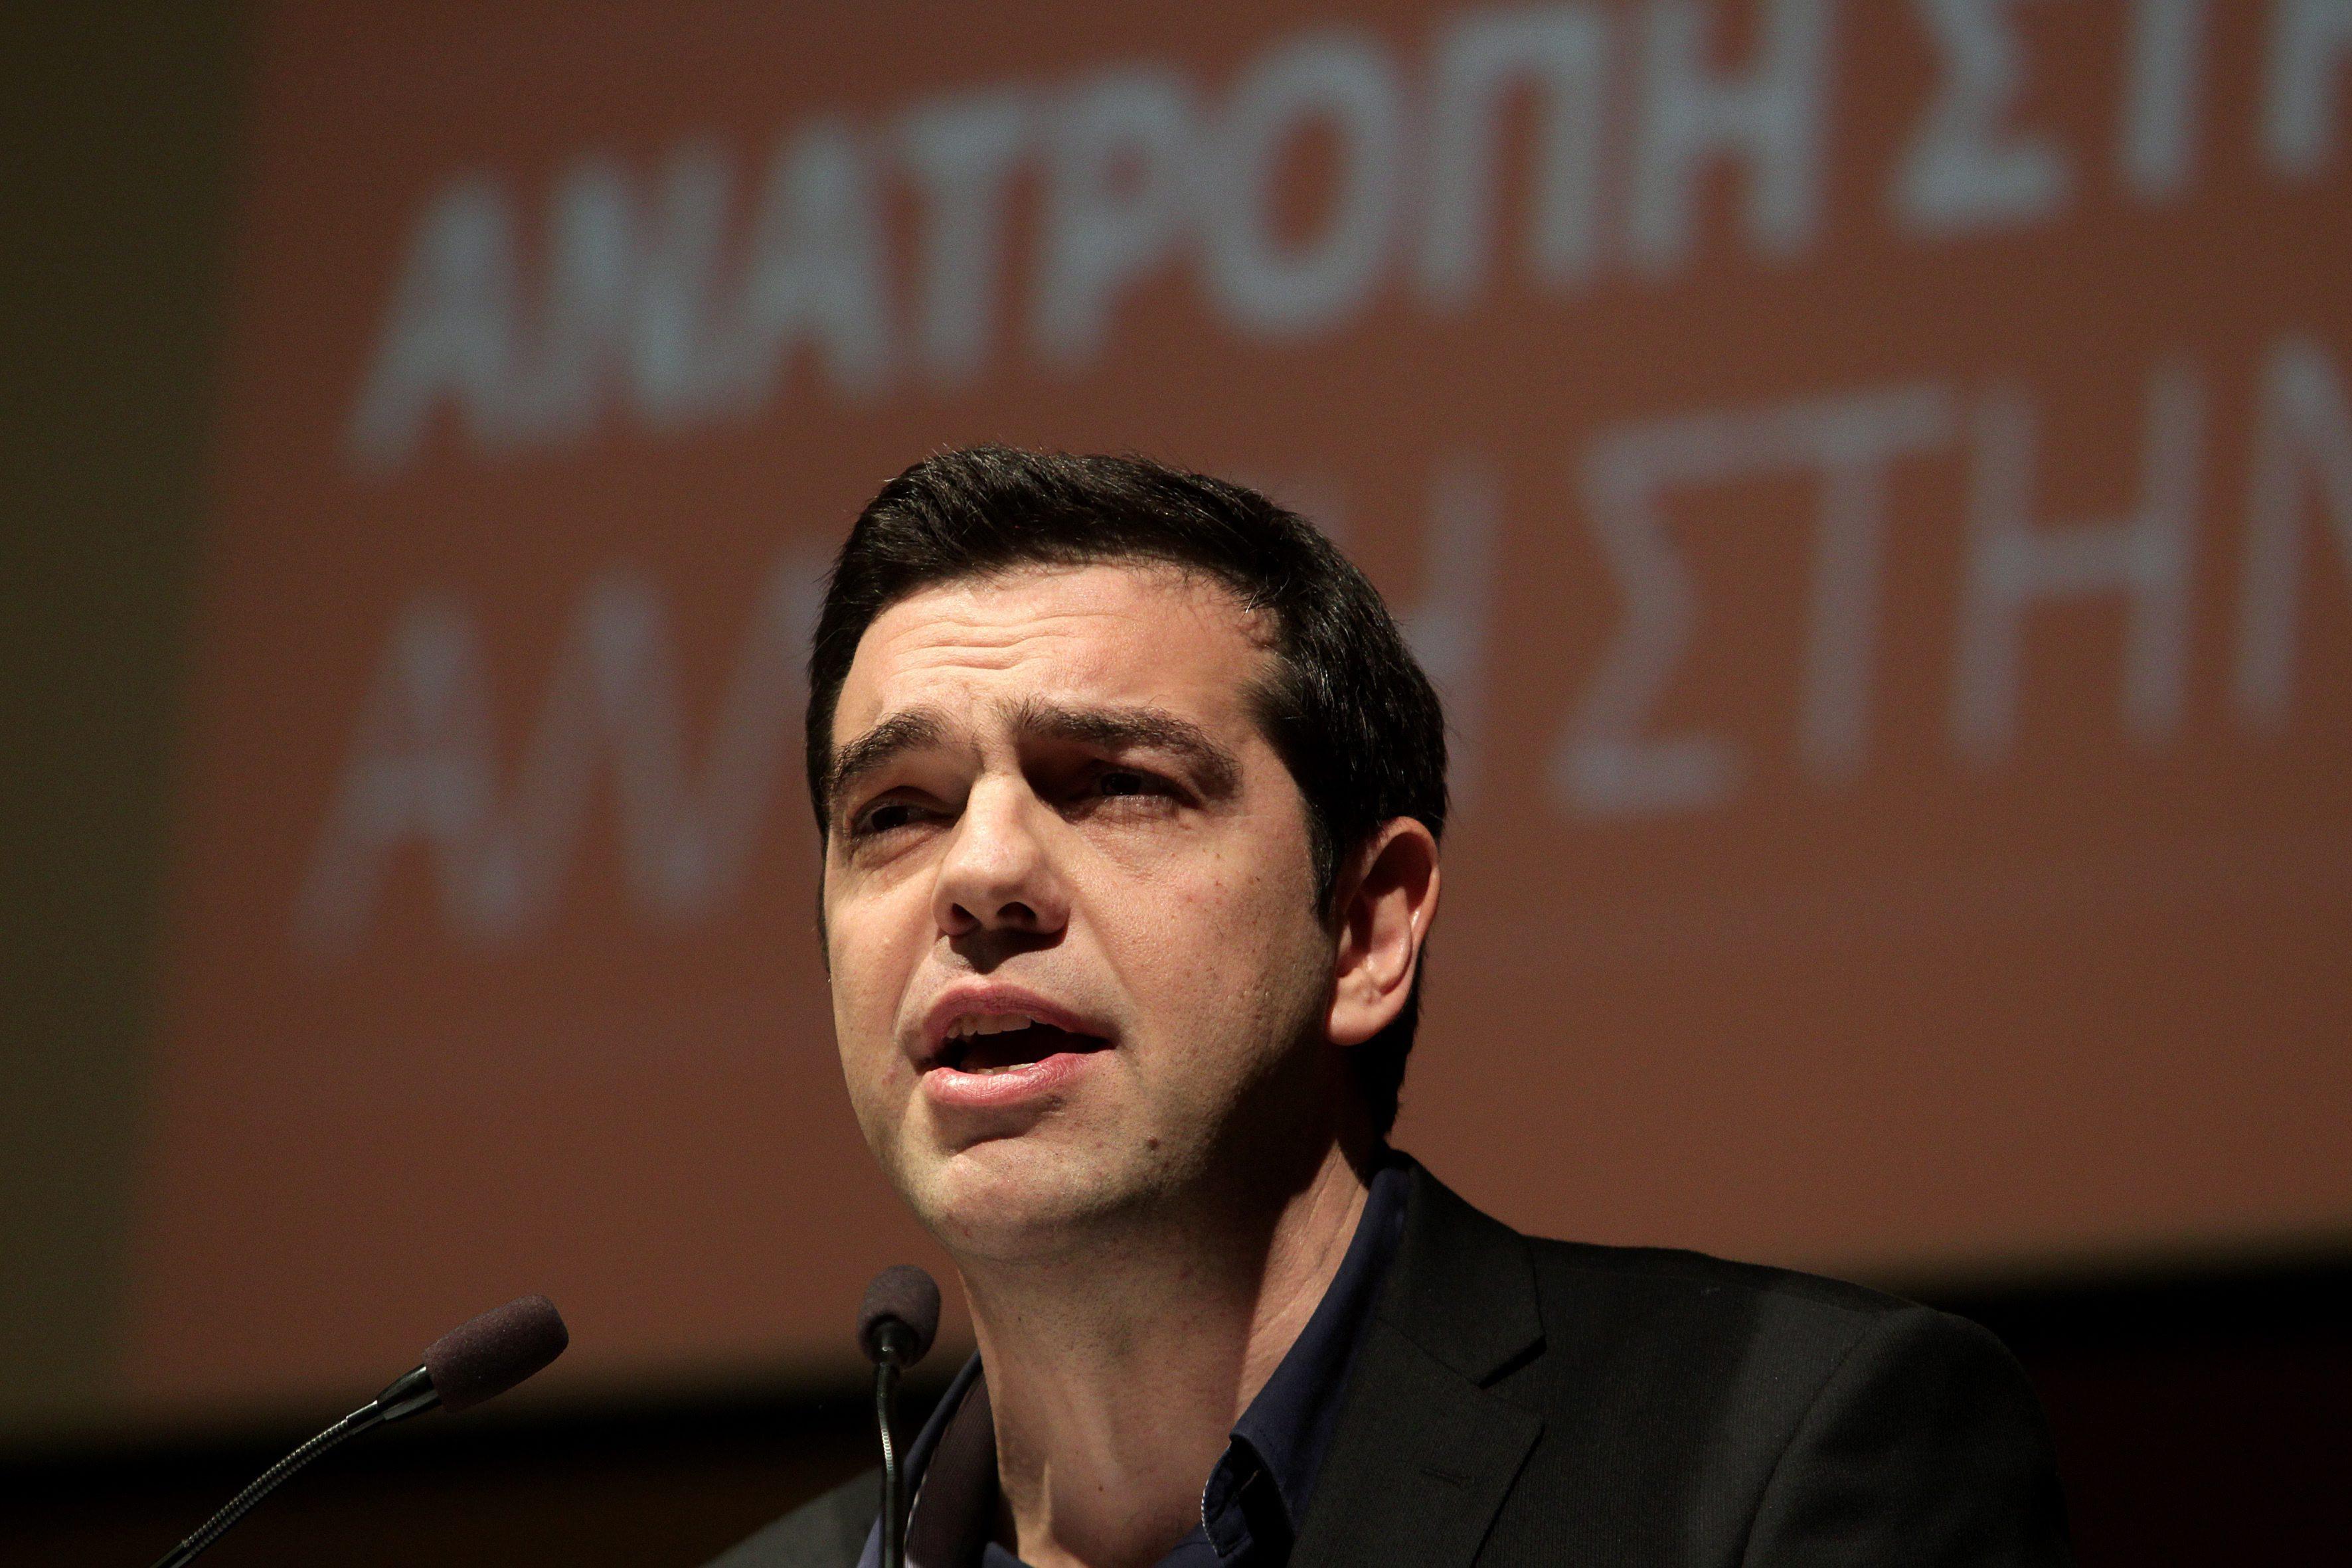 Τσίπρας: Η έξοδος μίας χώρας θα οδηγούσε στη διάλυση του ευρώ | tovima.gr